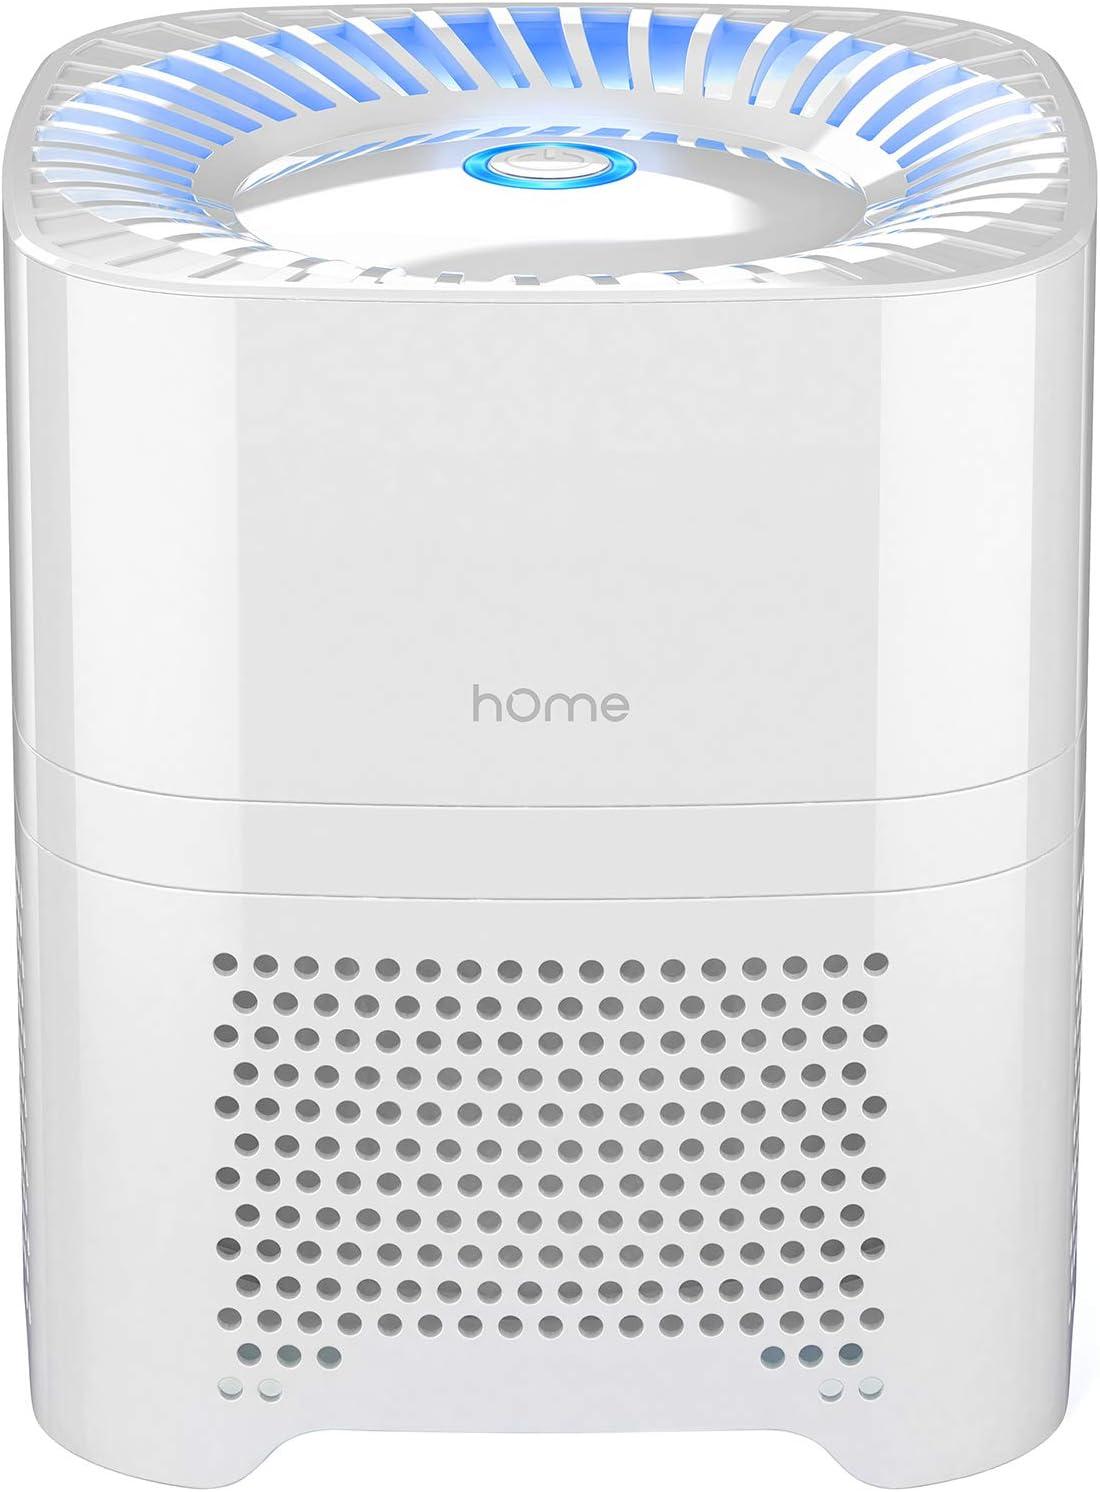 hOmeLabs Purificador de aire compacto 4 en 1: ioniza y purifica silenciosamente el aire para reducir olores y partículas del aire.